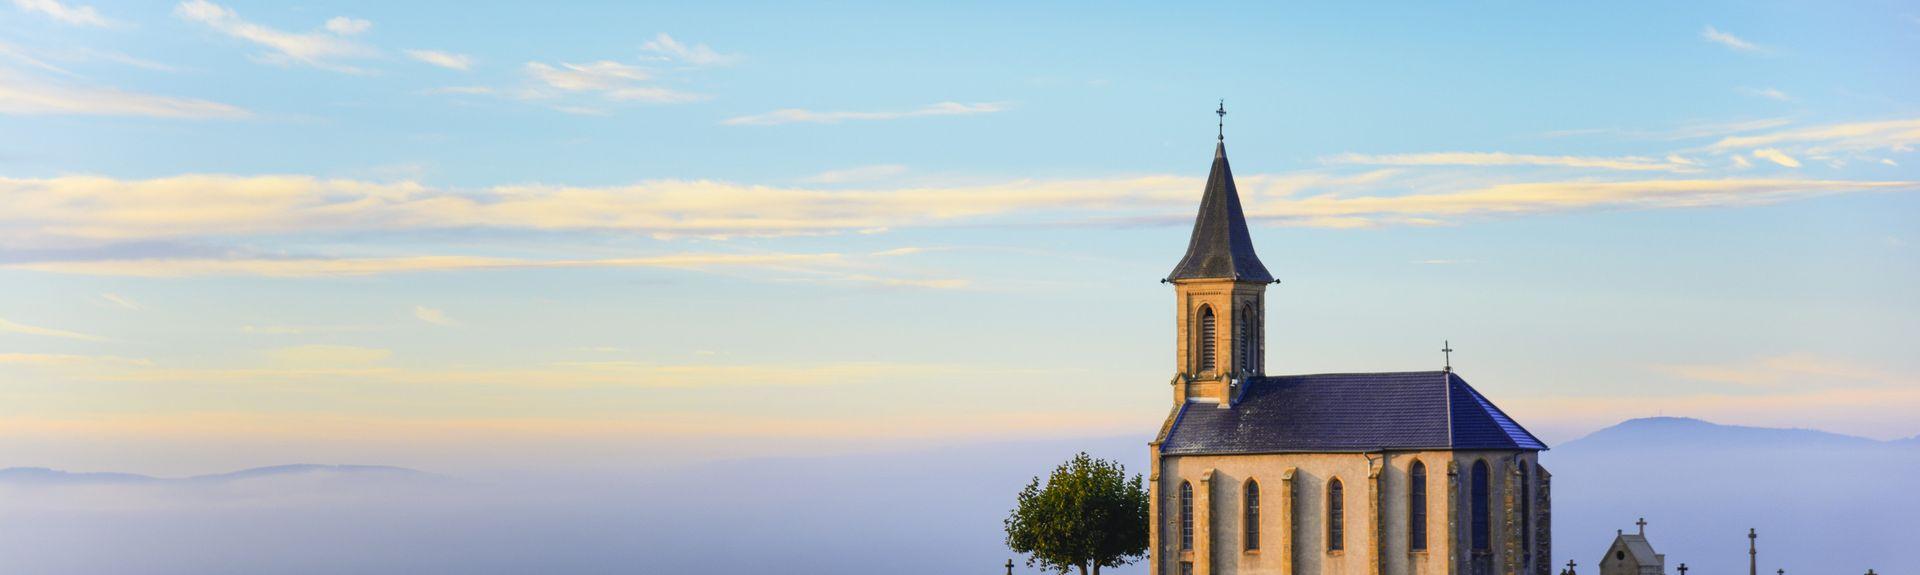 Bourgondië, Bourgogne-Franche-Comté, Frankrijk